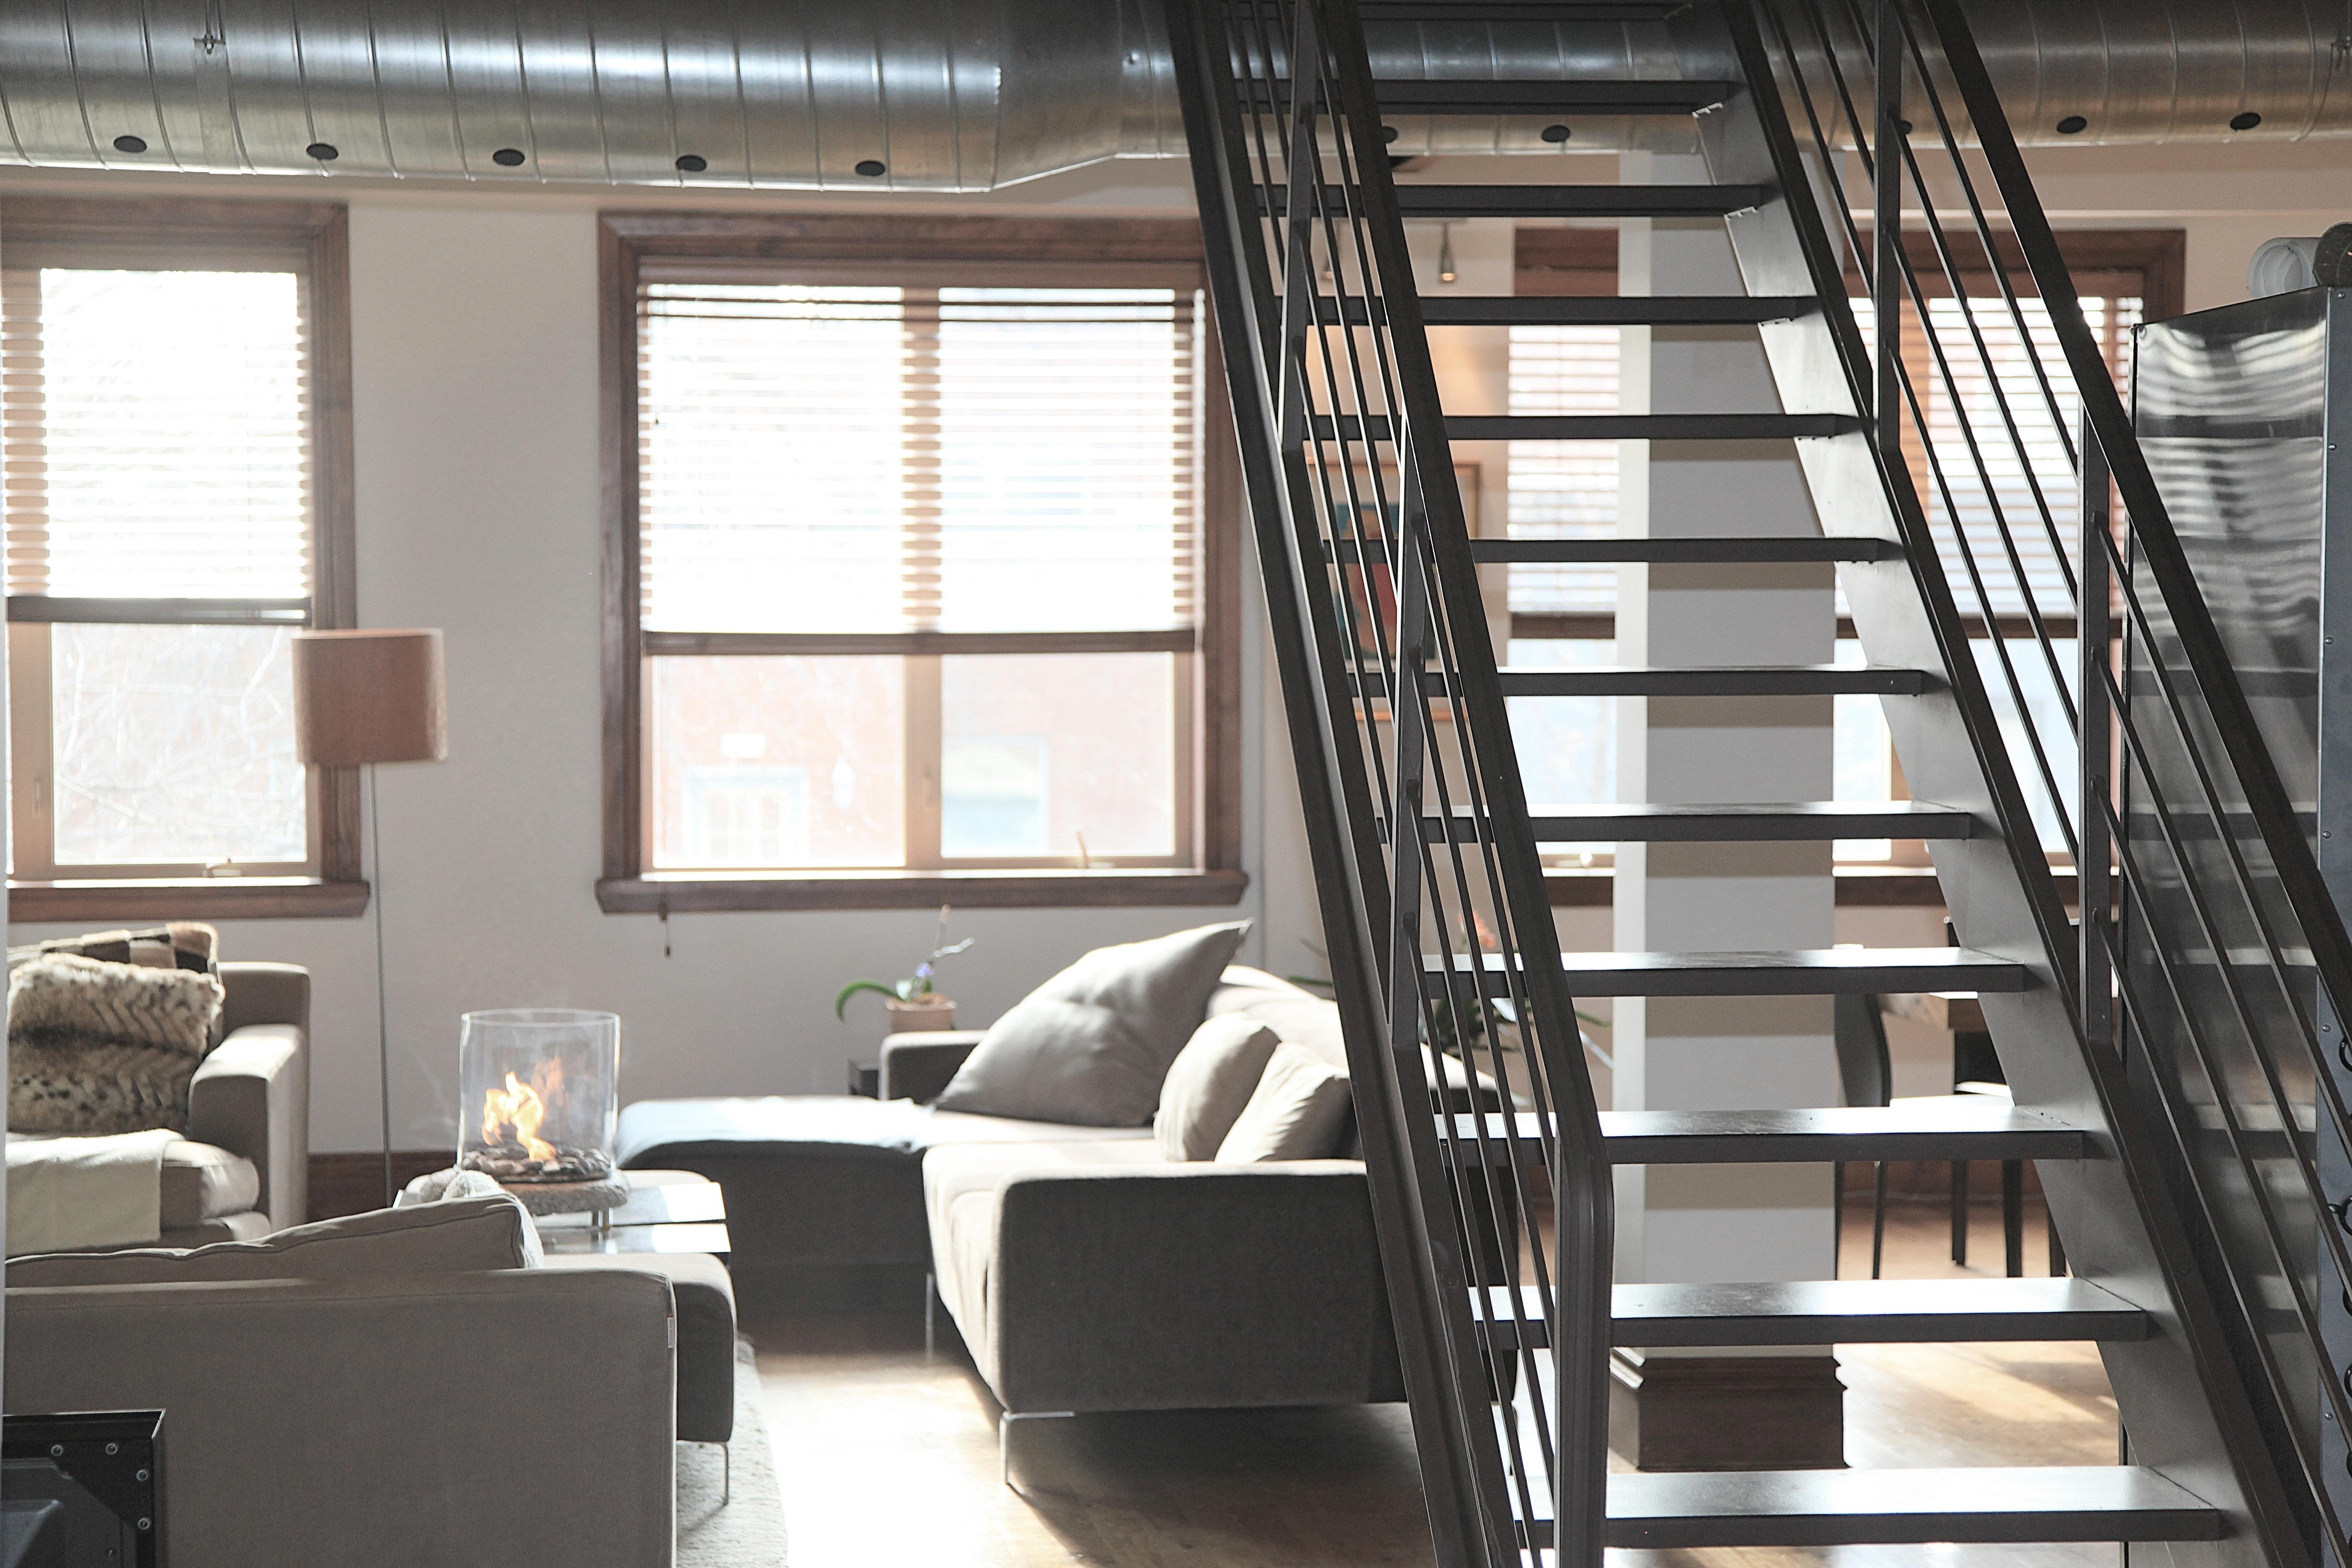 Zakup mieszkania - inwestycja czy własne cztery kąty?